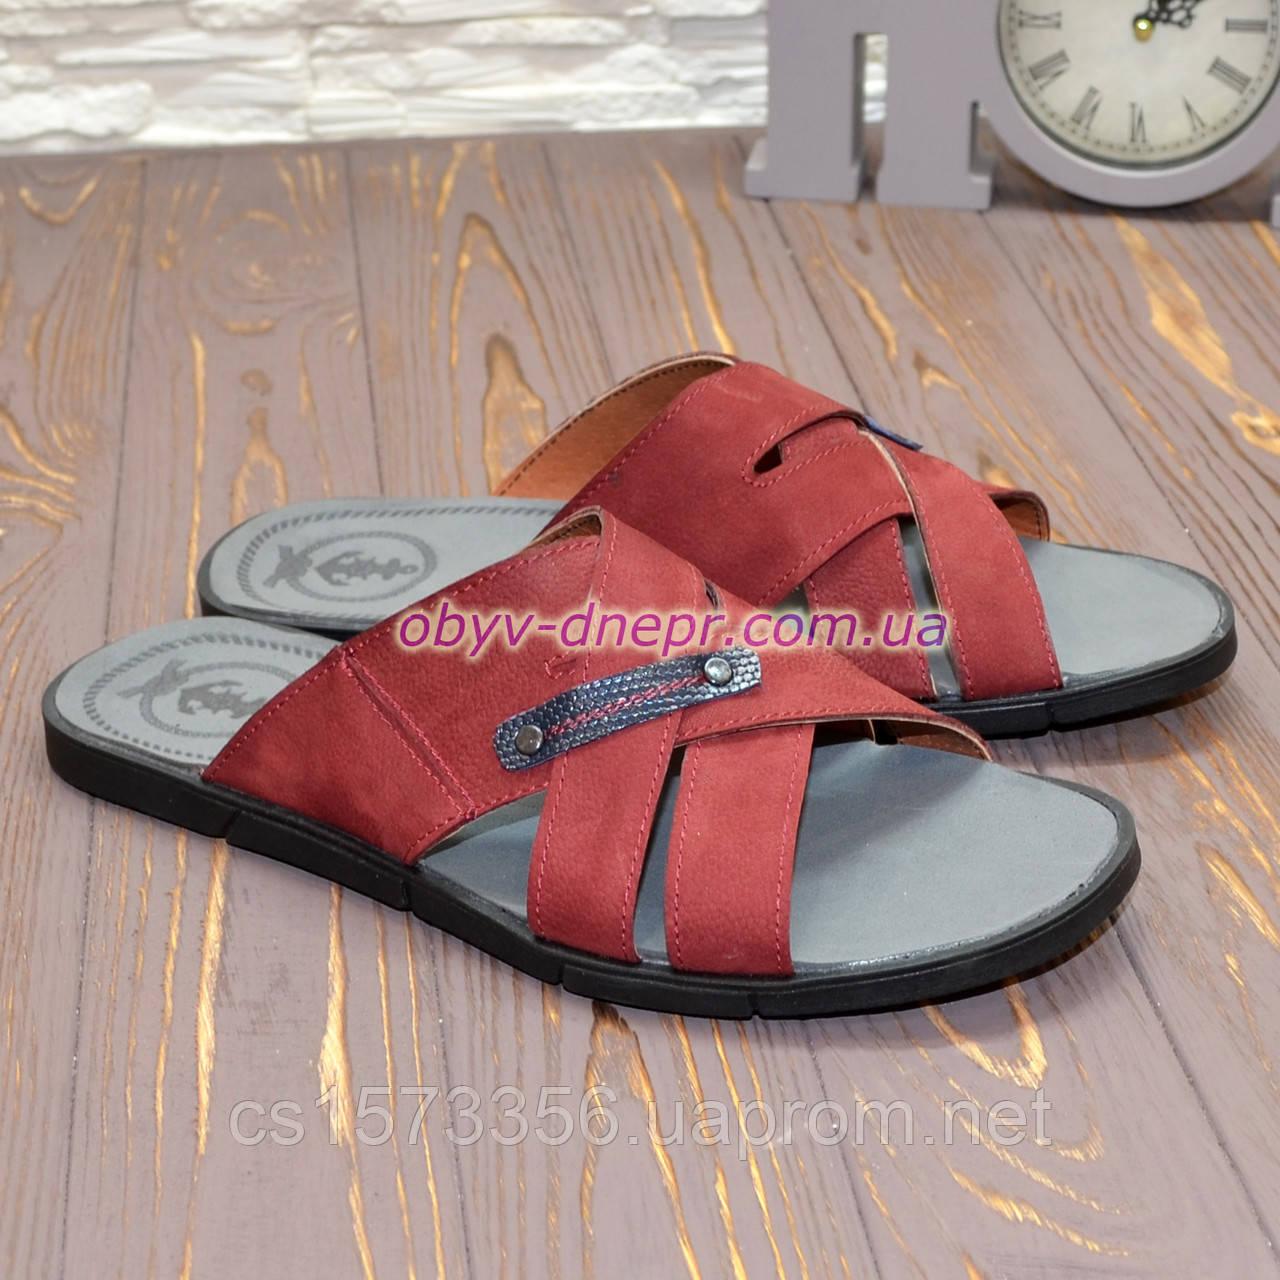 Шлепанцы мужские кожаные, цвет бордо